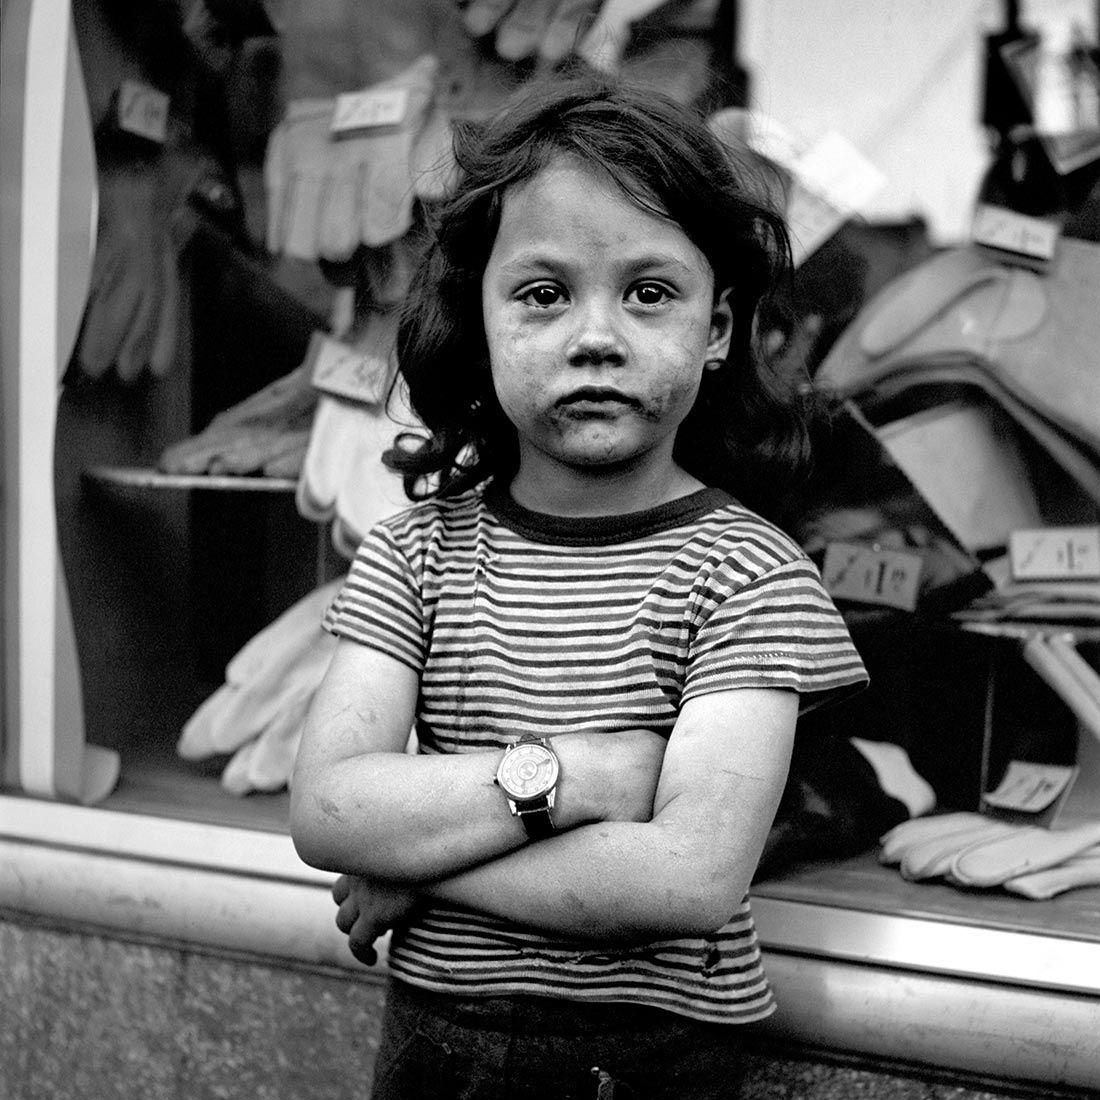 L'image du mercredi : l'enfant dans la rue, les photos de Vivian Maier